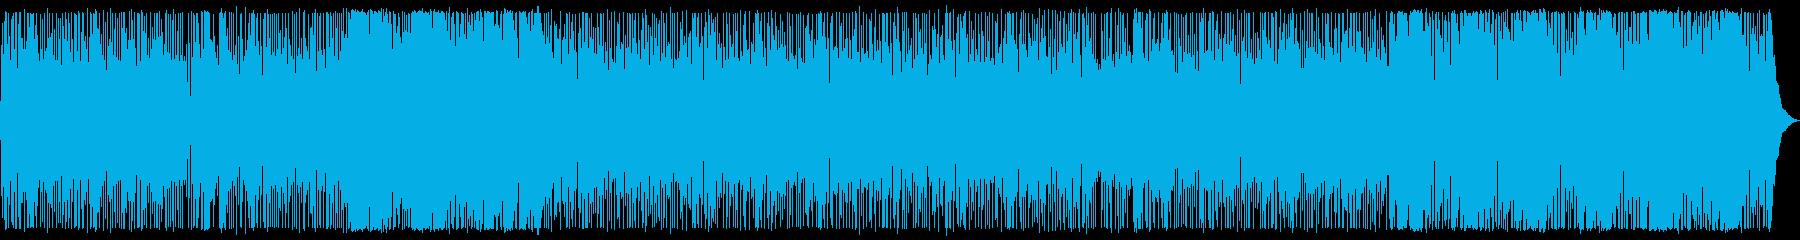 明るいミッドテンポのジャズポップの再生済みの波形